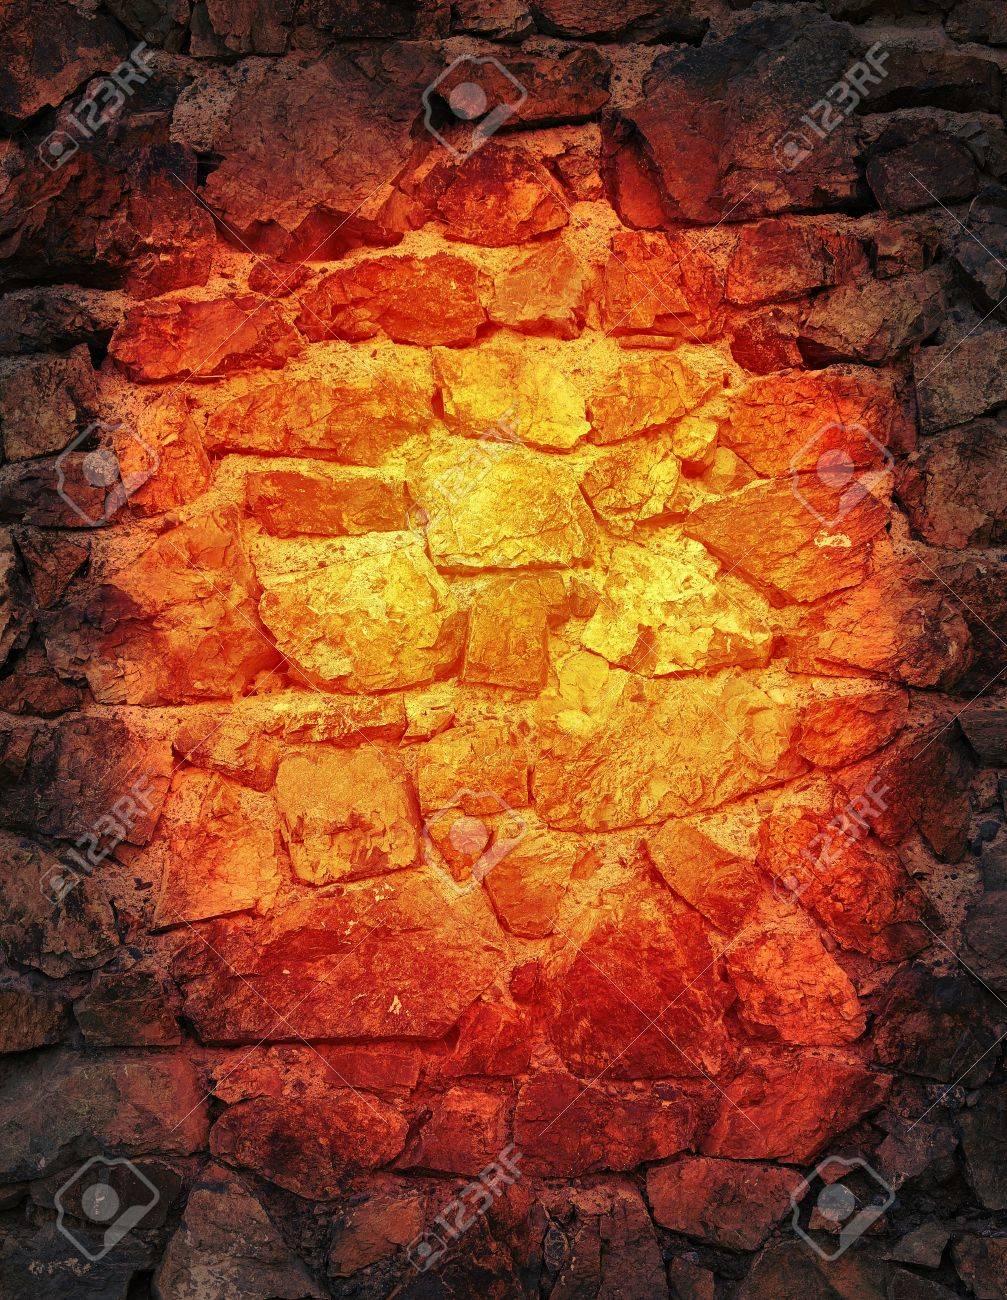 「石 熱い」の画像検索結果